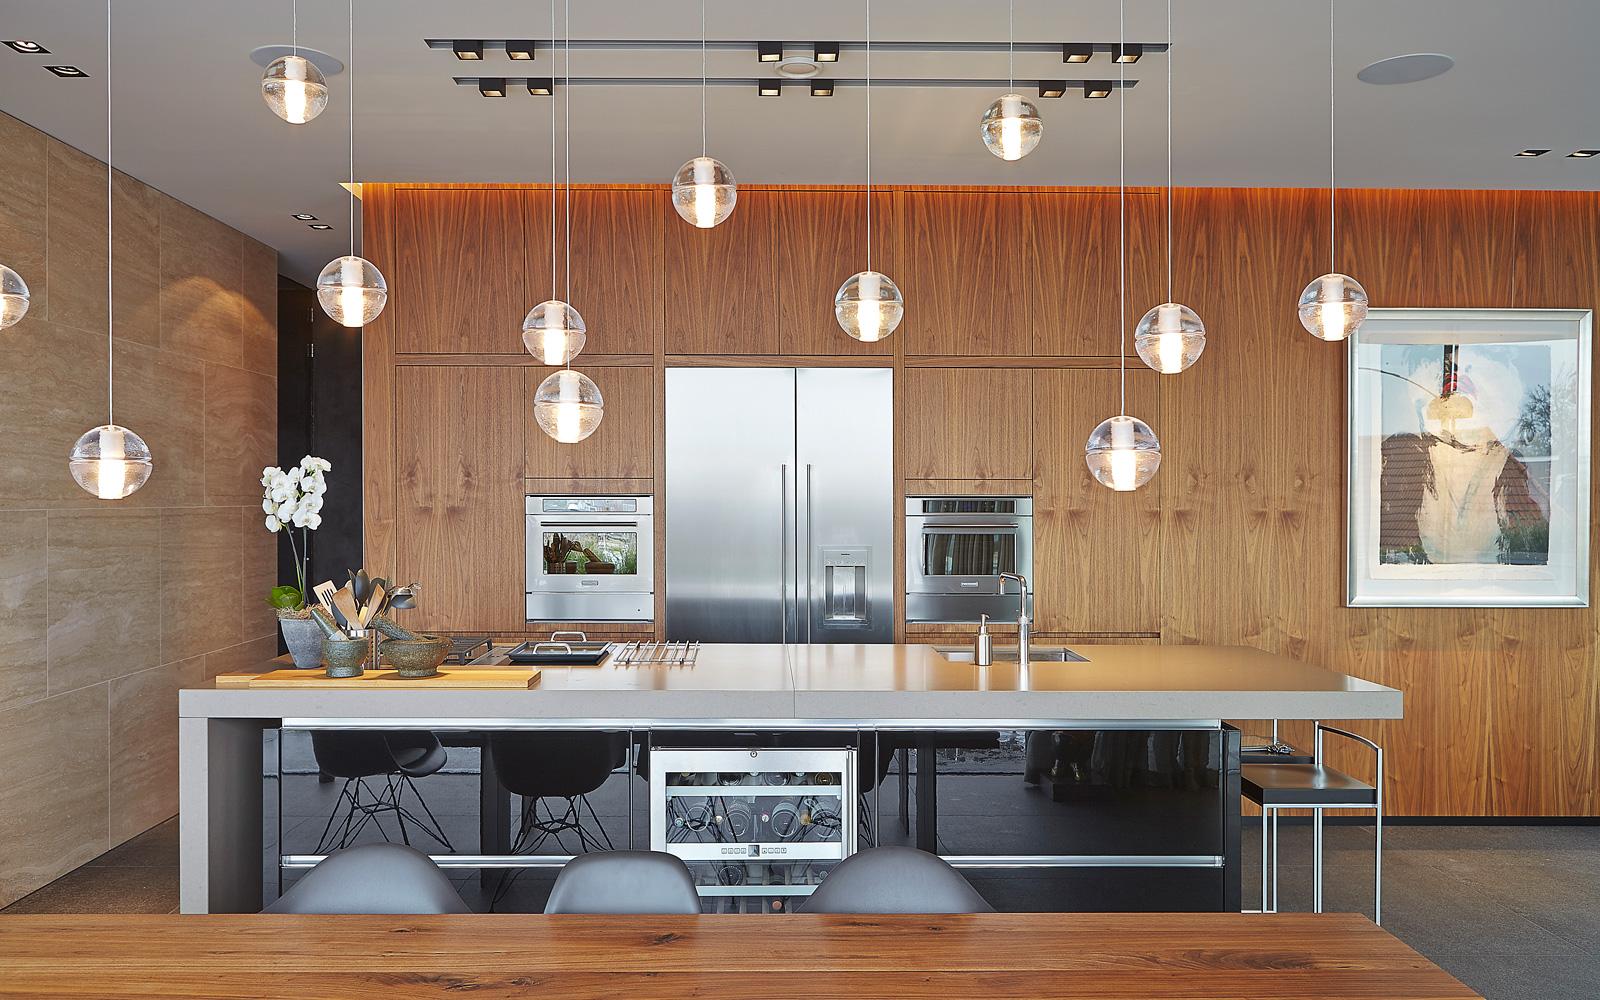 Maatwerk keuken, houten kasten, natuurlijke materialen, verlichting, Studio Rublek, Powerhouse Company